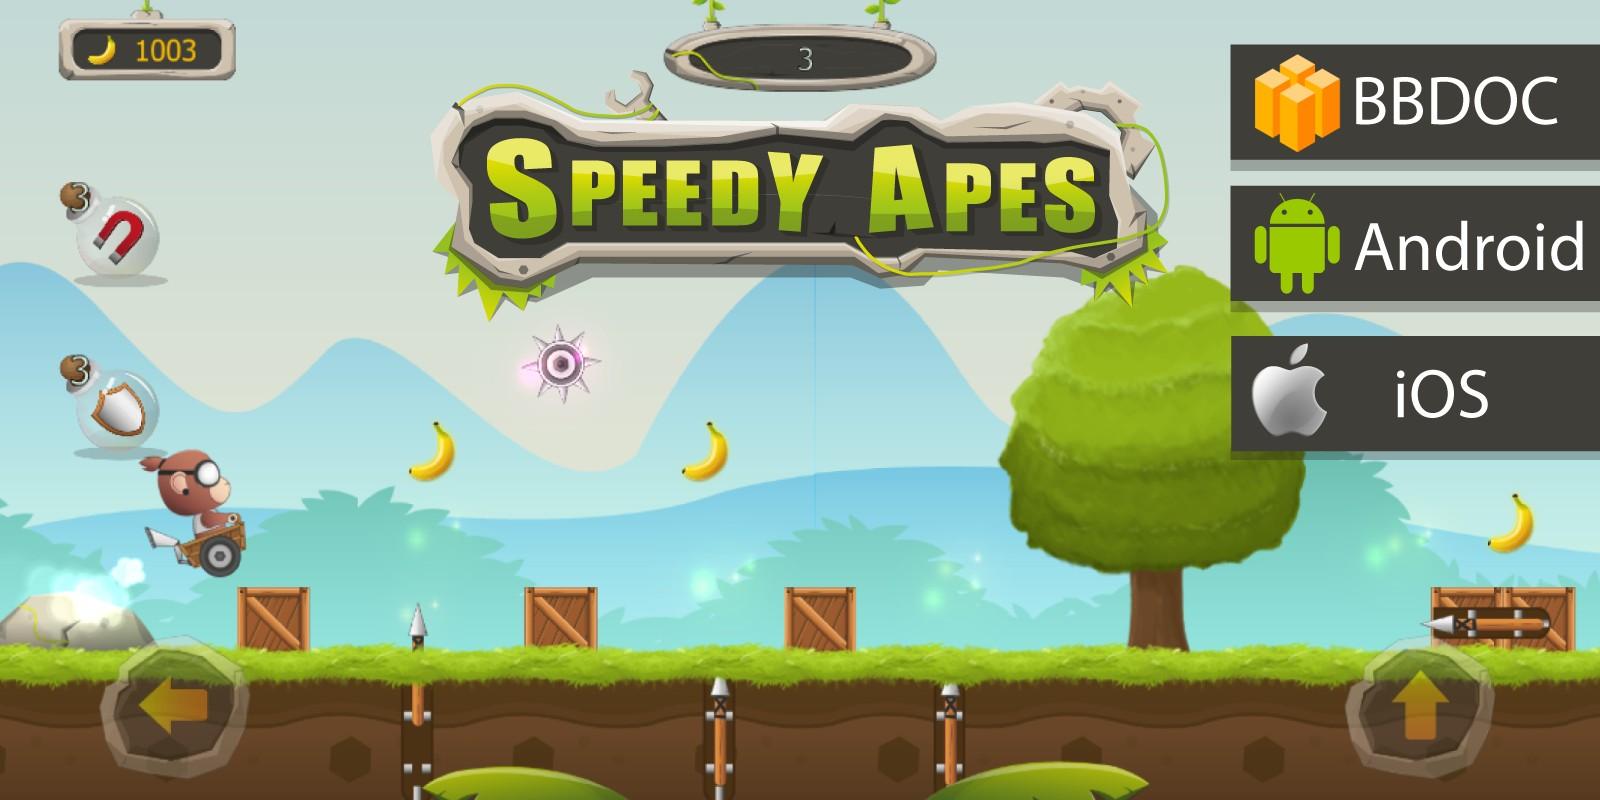 Speedy Apes Buildbox Template